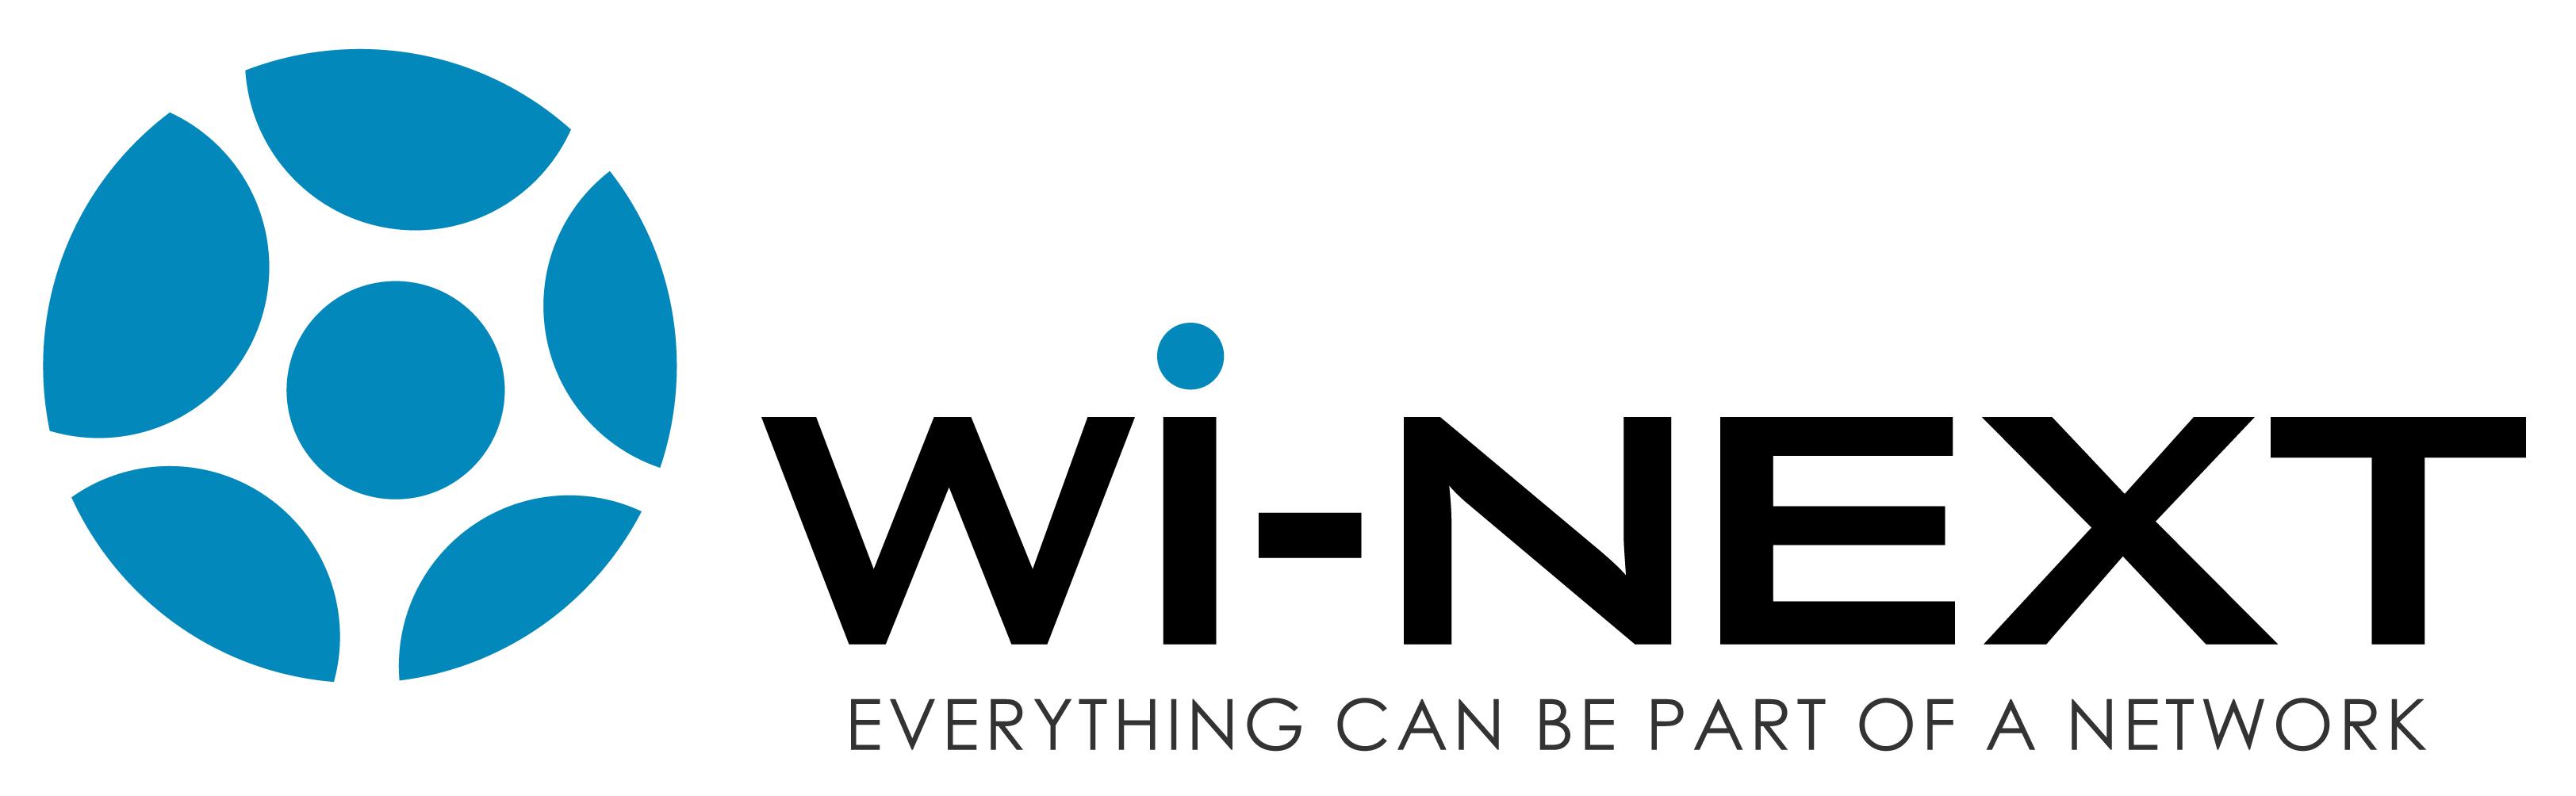 Novità Extra| Wi-Next, l'innovazione italiana premiata al Red Herring Top 100 Europe